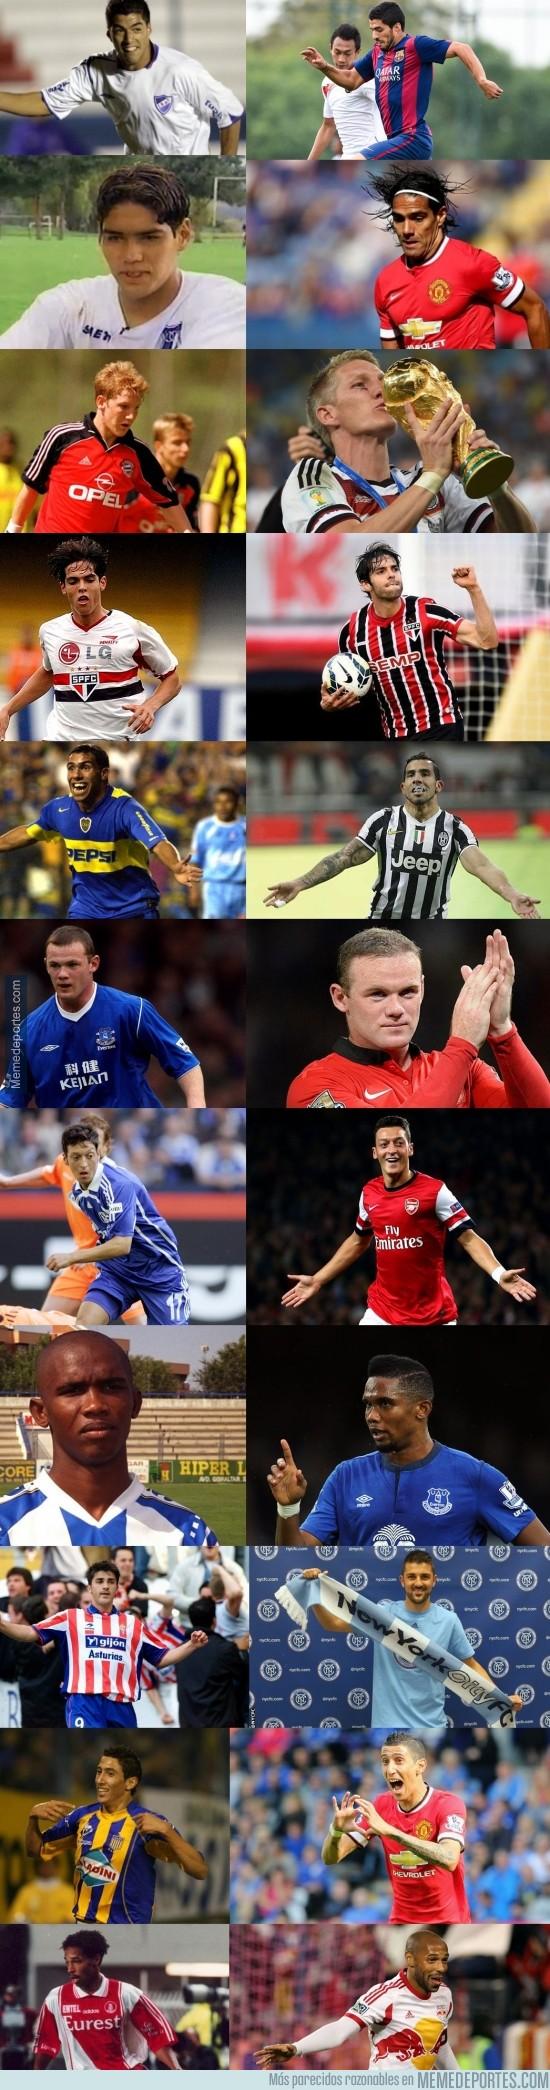 391997 - Del debut hasta hoy de algunos de los mejores futbolistas [Parte 3]